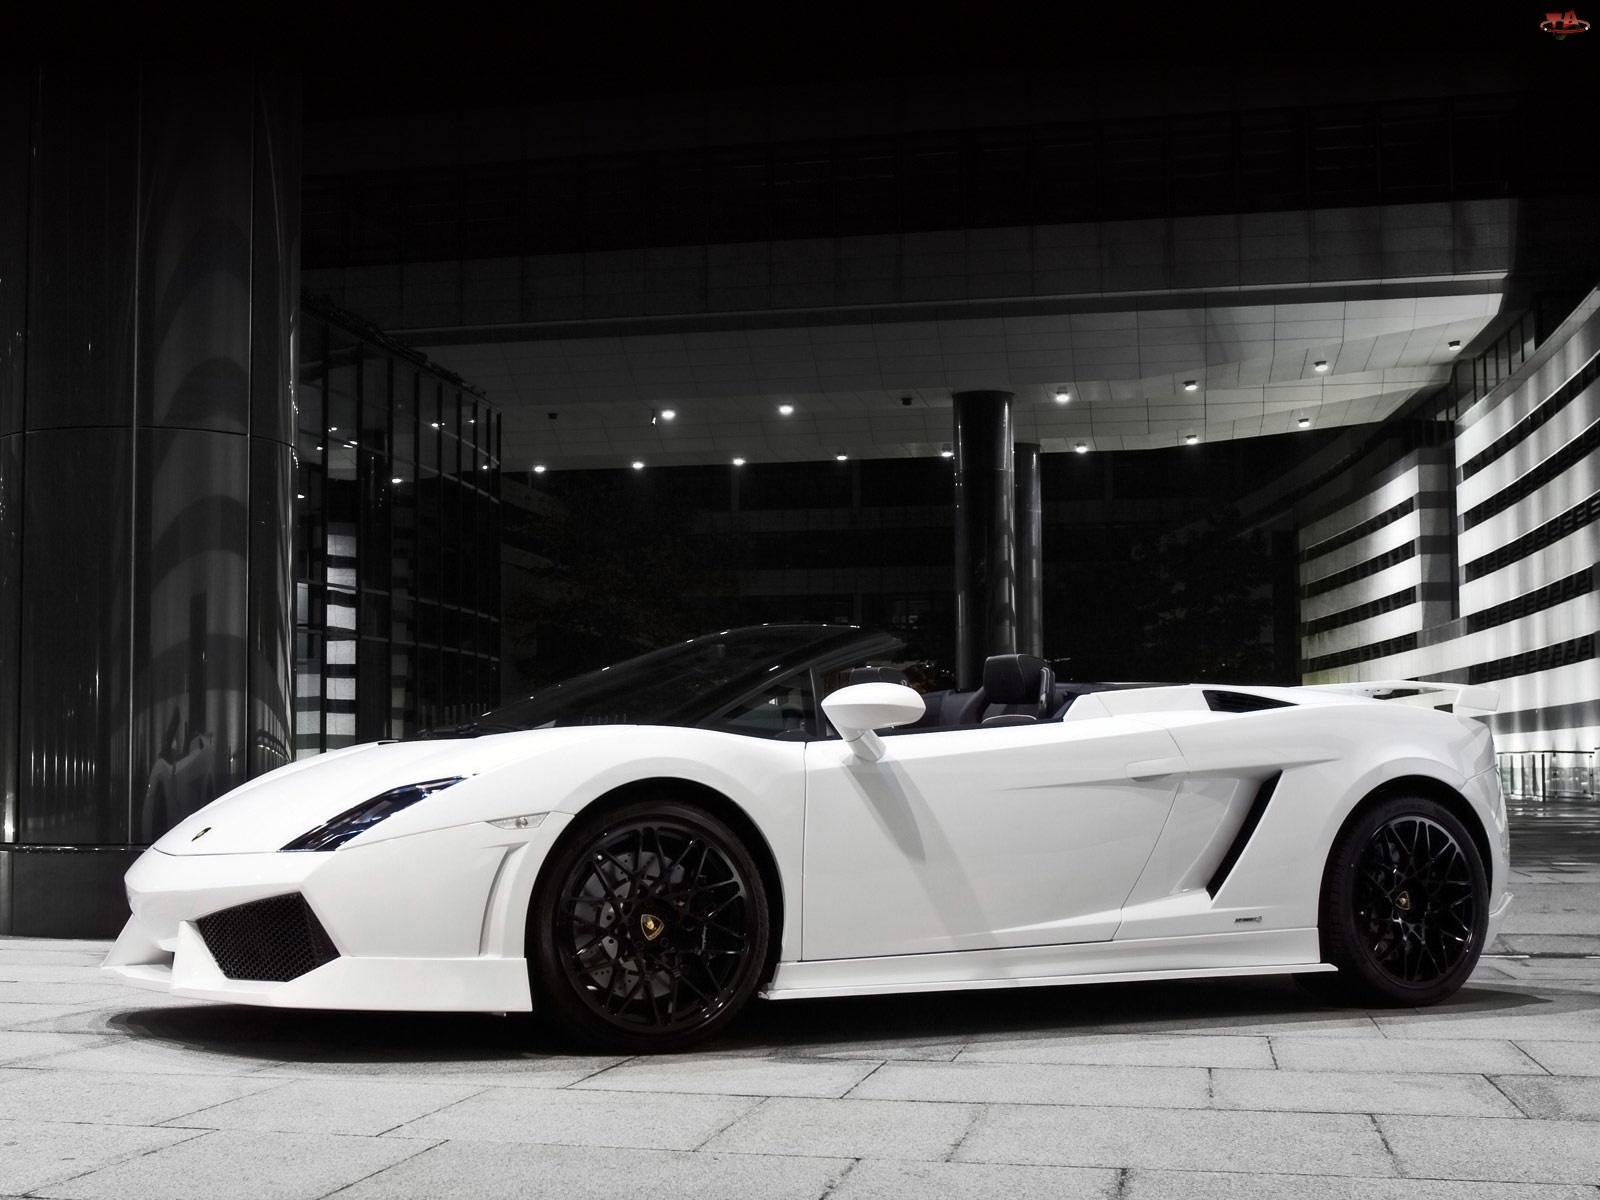 Lamborghini Gallardo, Felgi, Kabriolet, Czarne